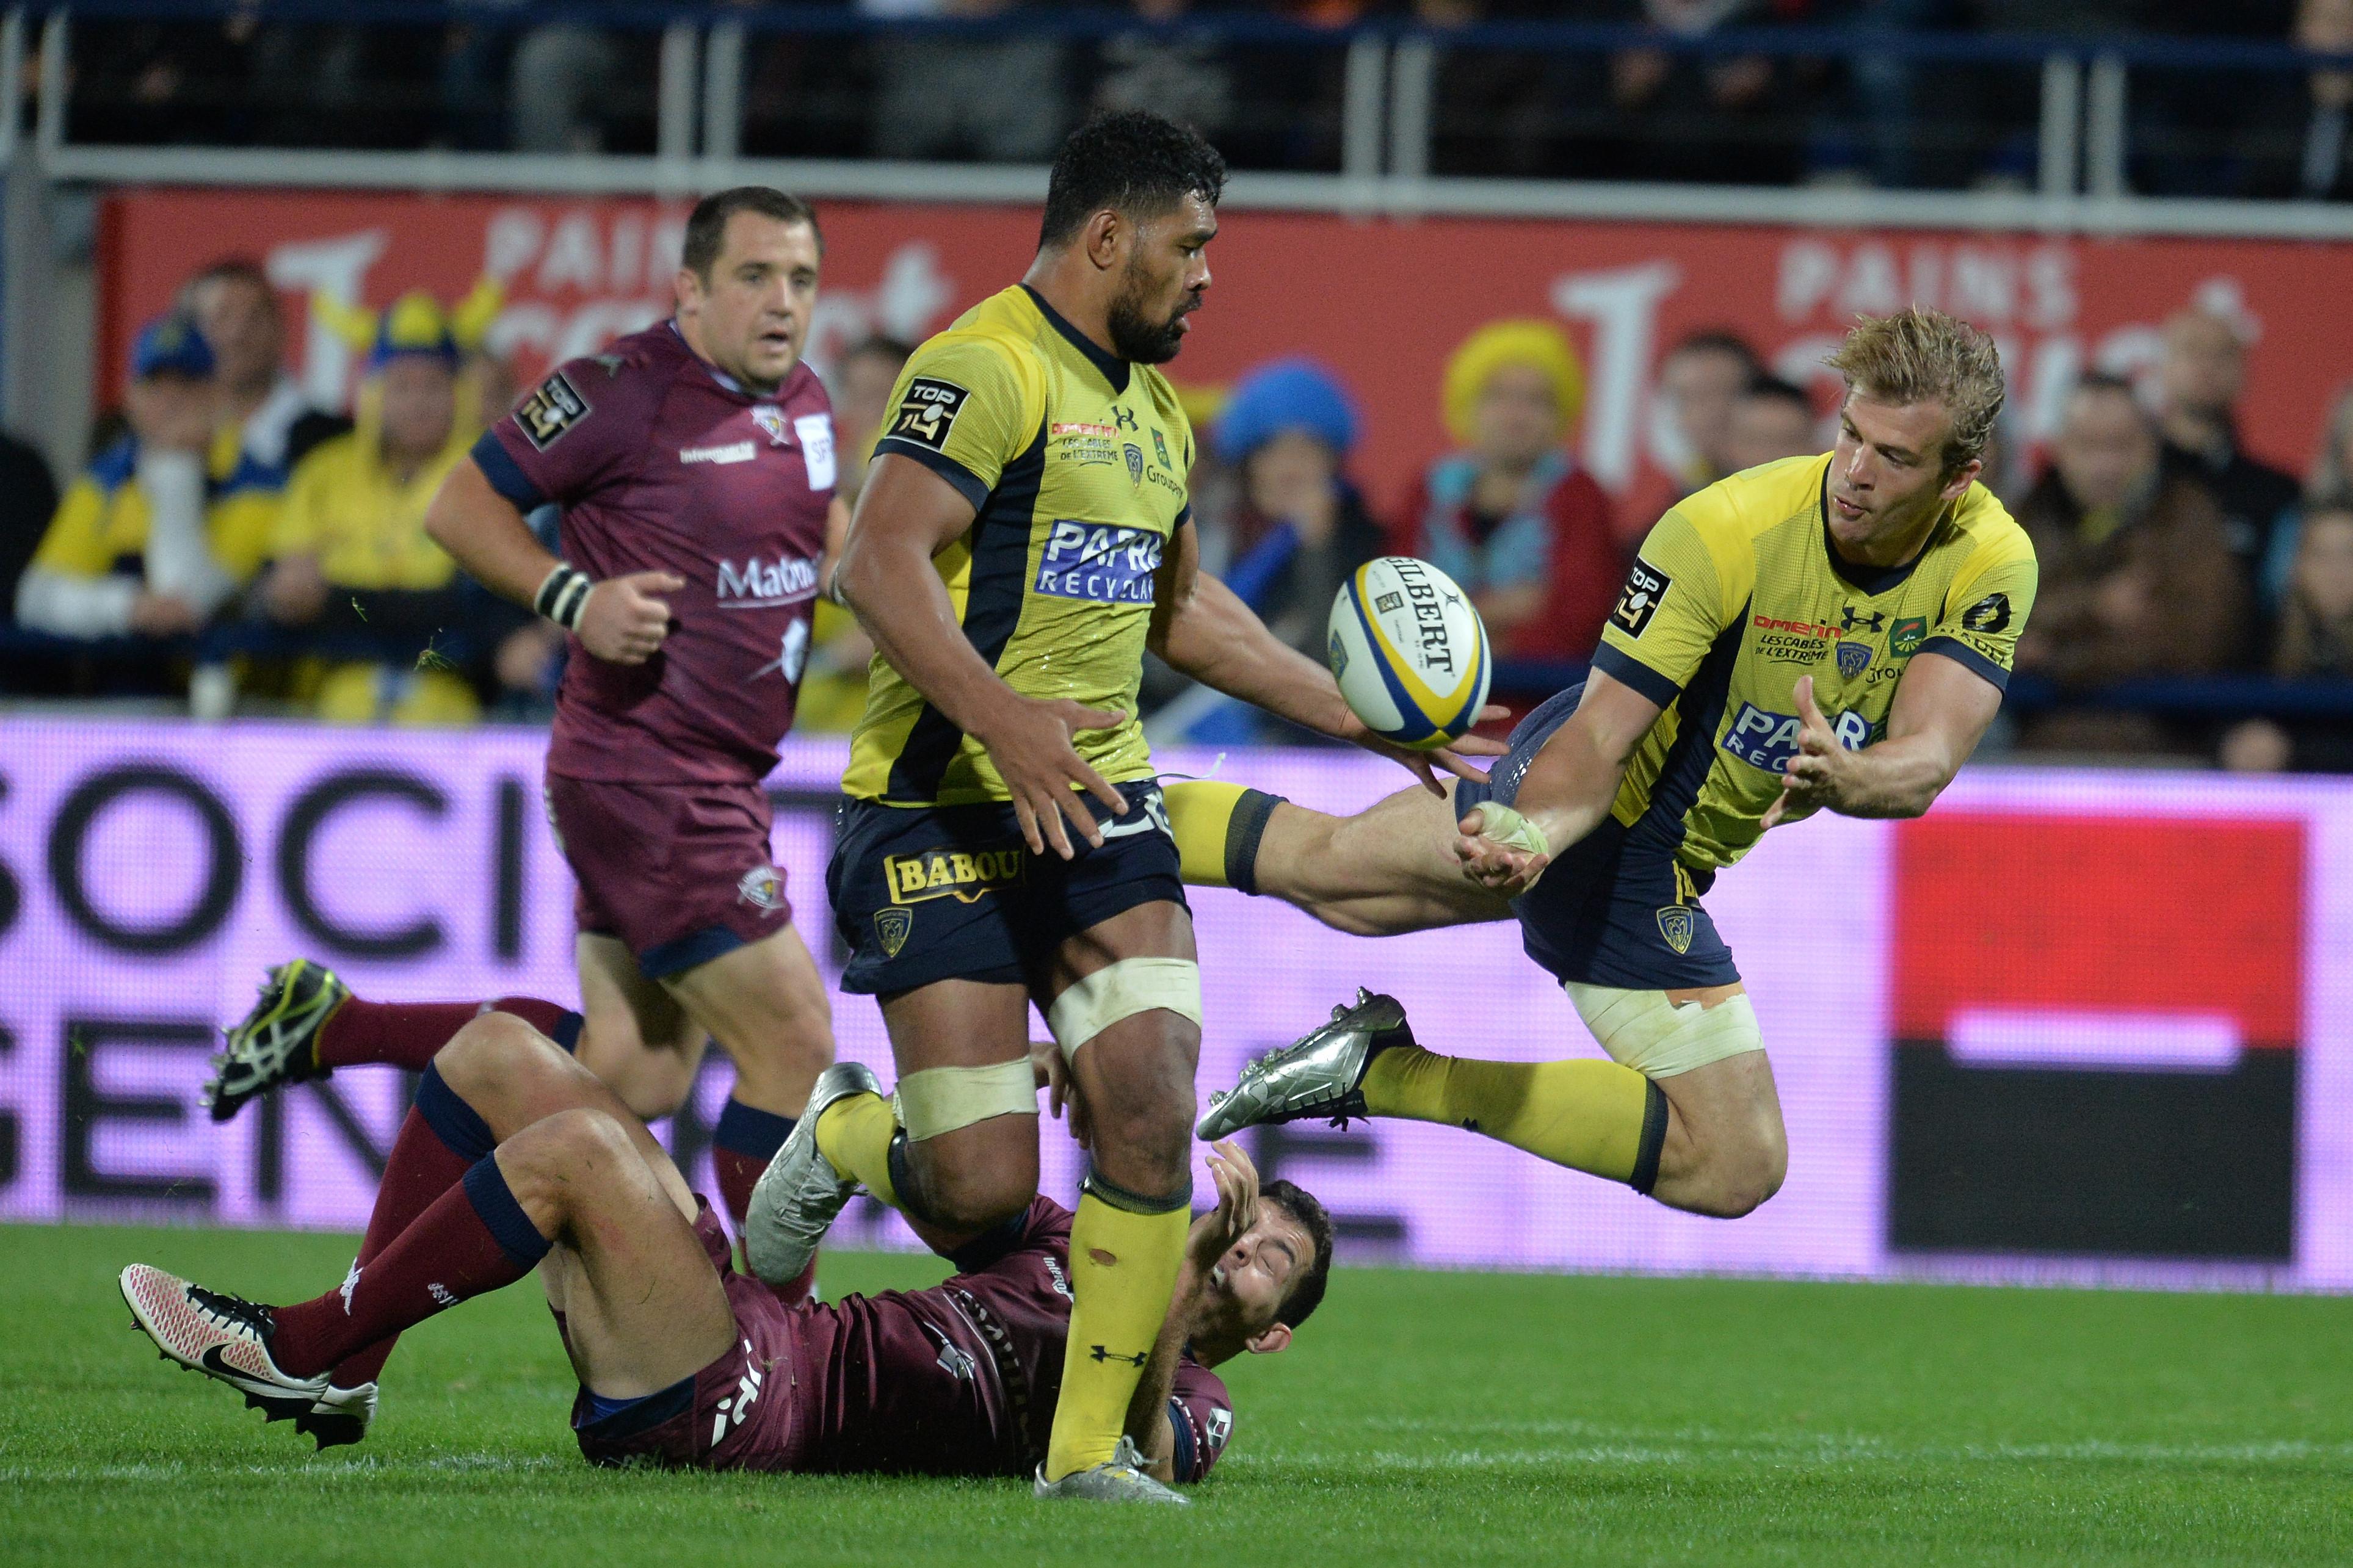 Rugby - Coupes d'Europe - Le Racing, Toulon et Clermont en porte-drapeaux français